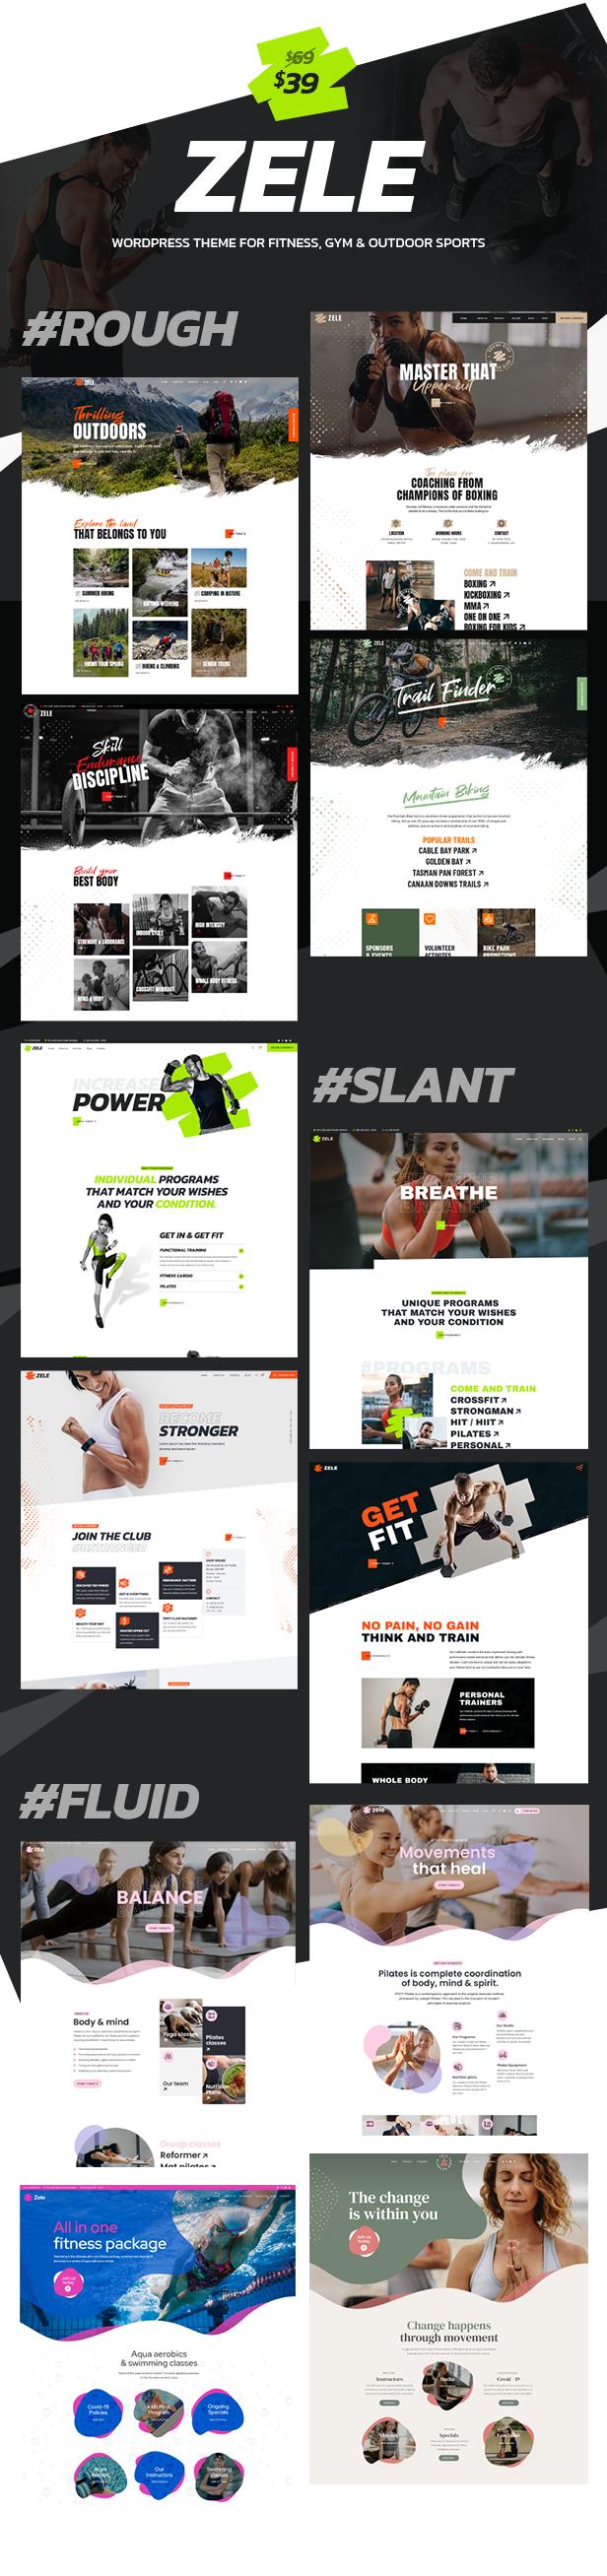 Zele - Fitness Gym & Sport WordPress Theme - 3